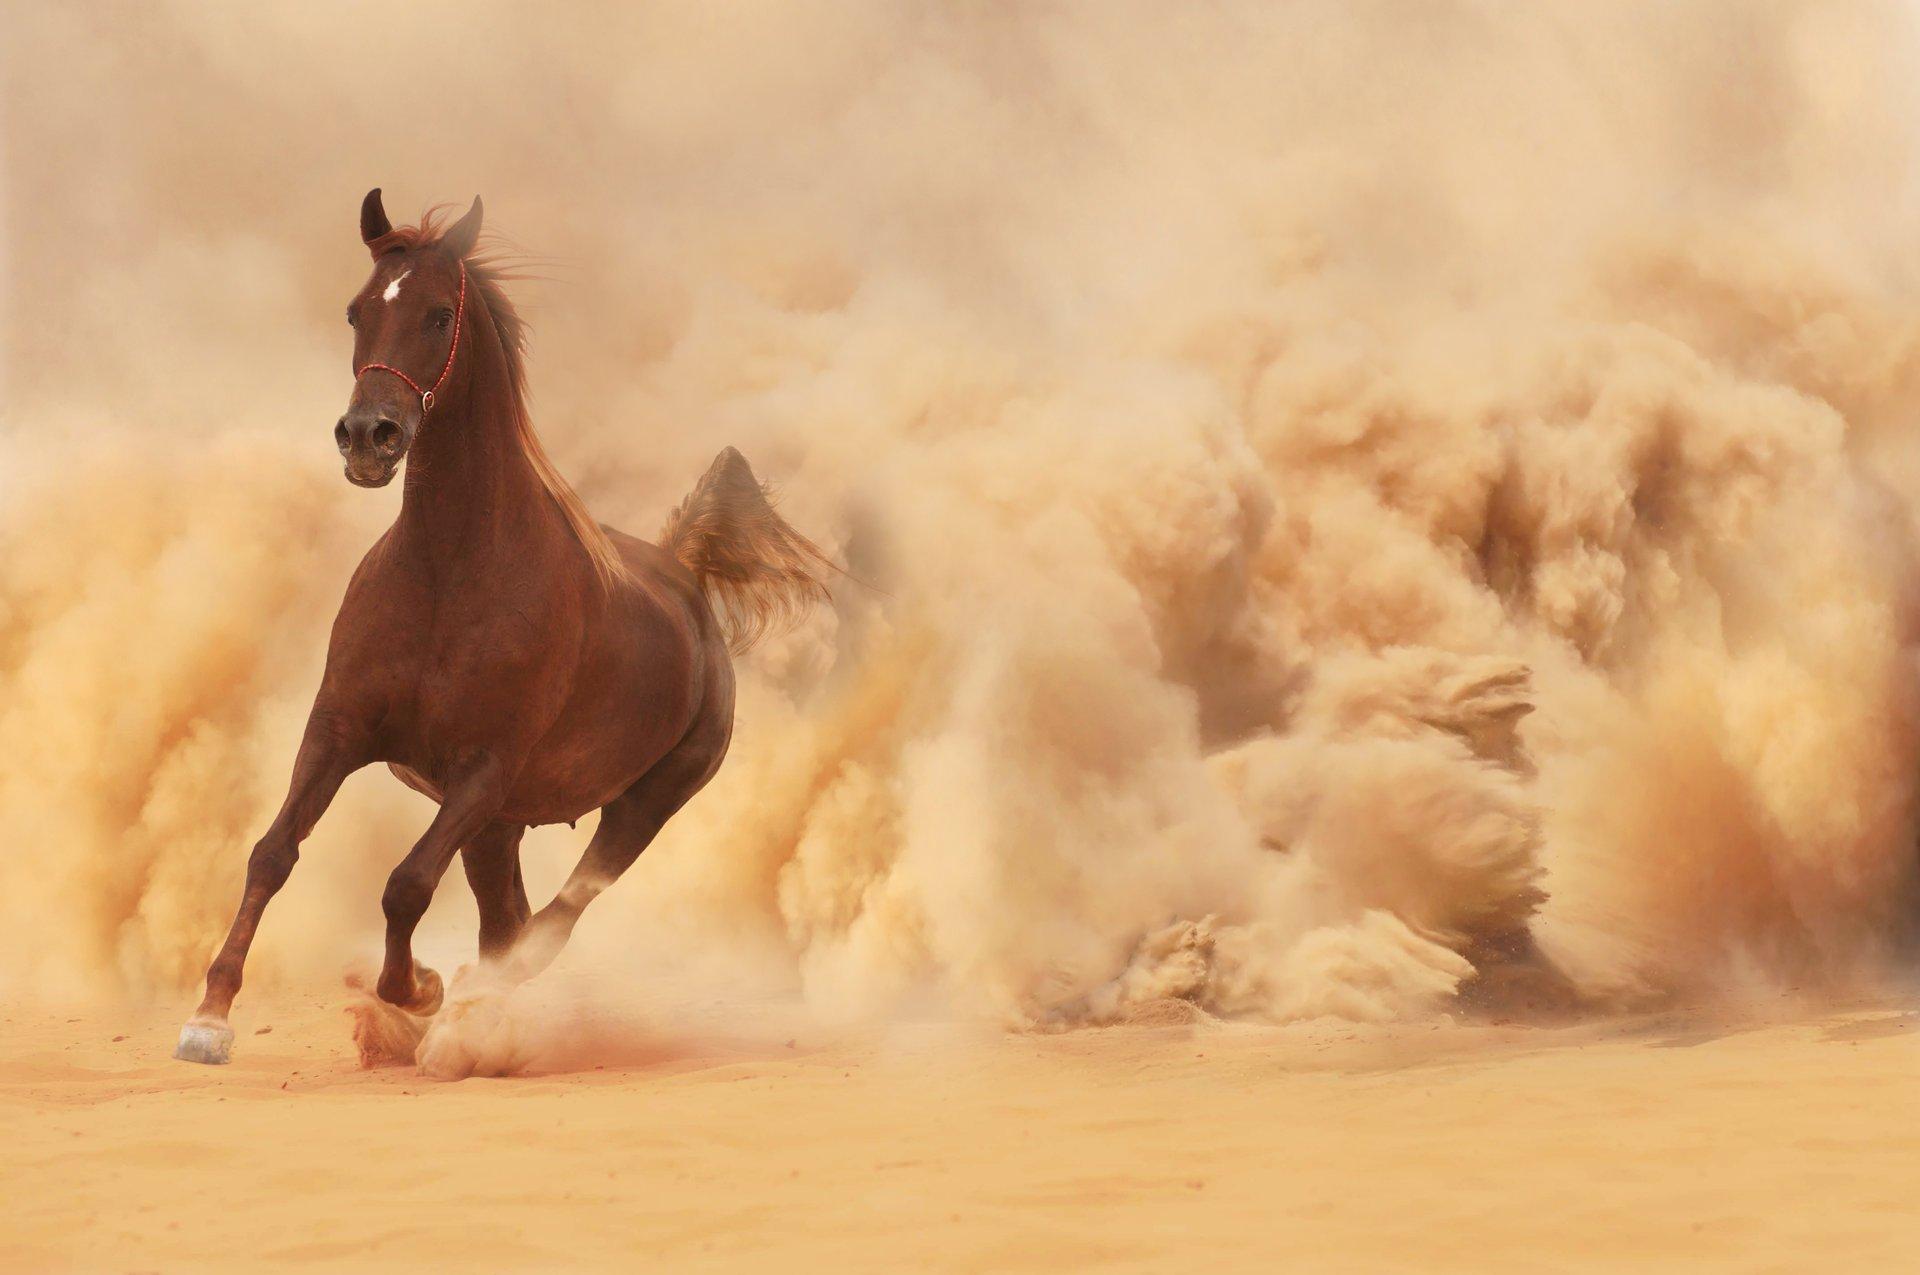 филе картинки убегаю от коня перуна вот все